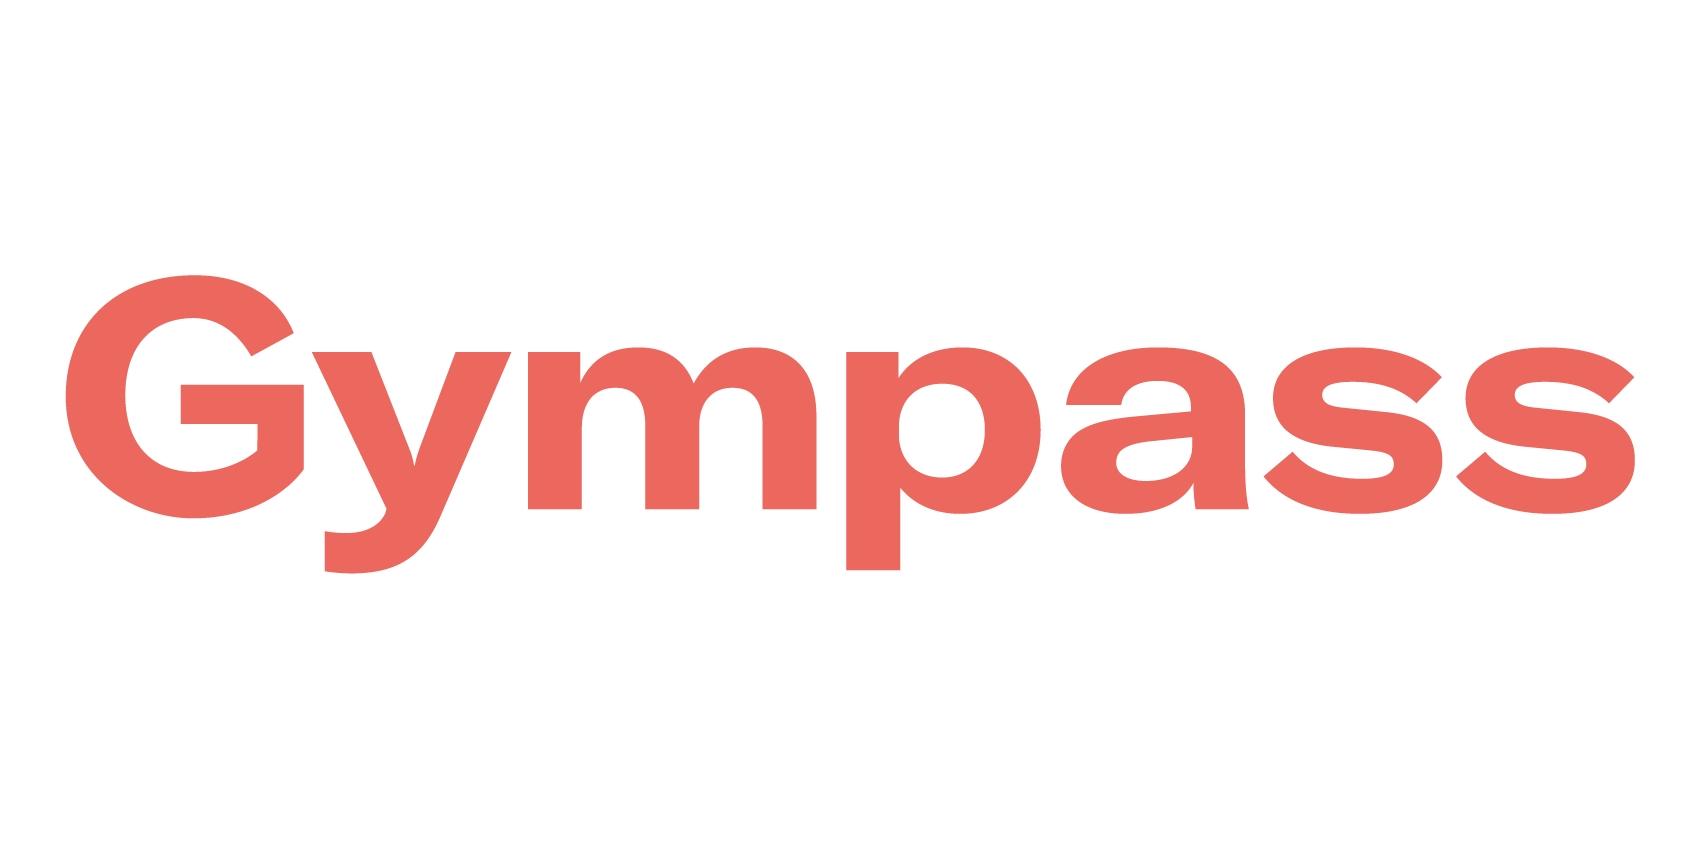 Gympass erhält neue Finanzierung durch den SoftBank Vision Fund und den SoftBank Latin America Fund, um den weltweiten Bewegungsmangel zu bekämpfen